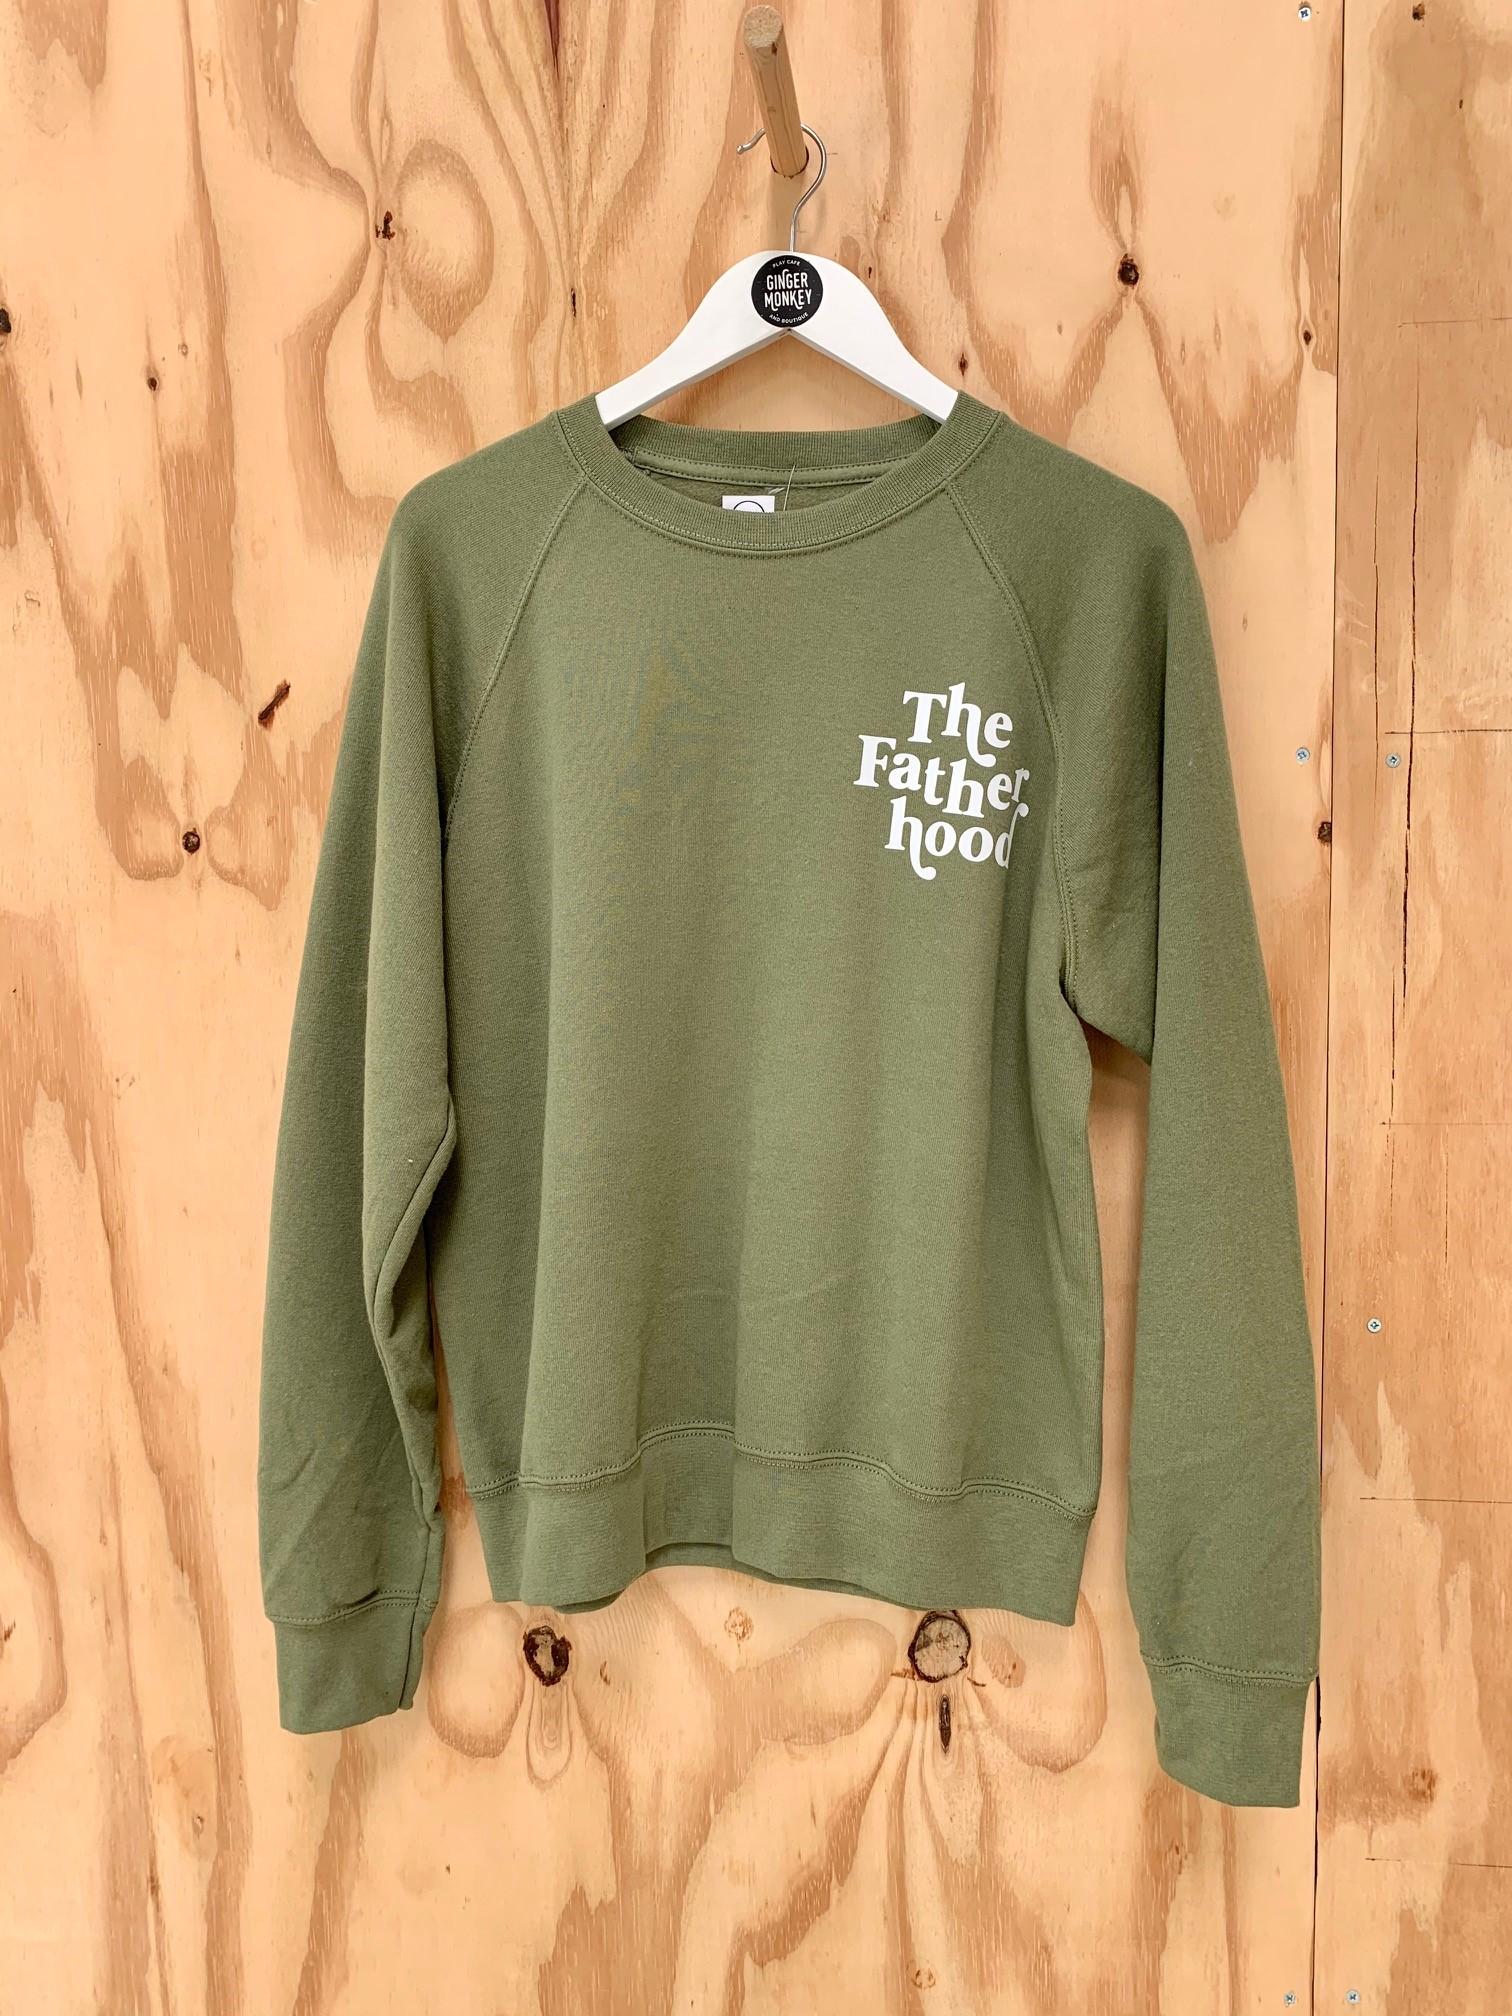 BOB The Fatherhood Sweatshirt